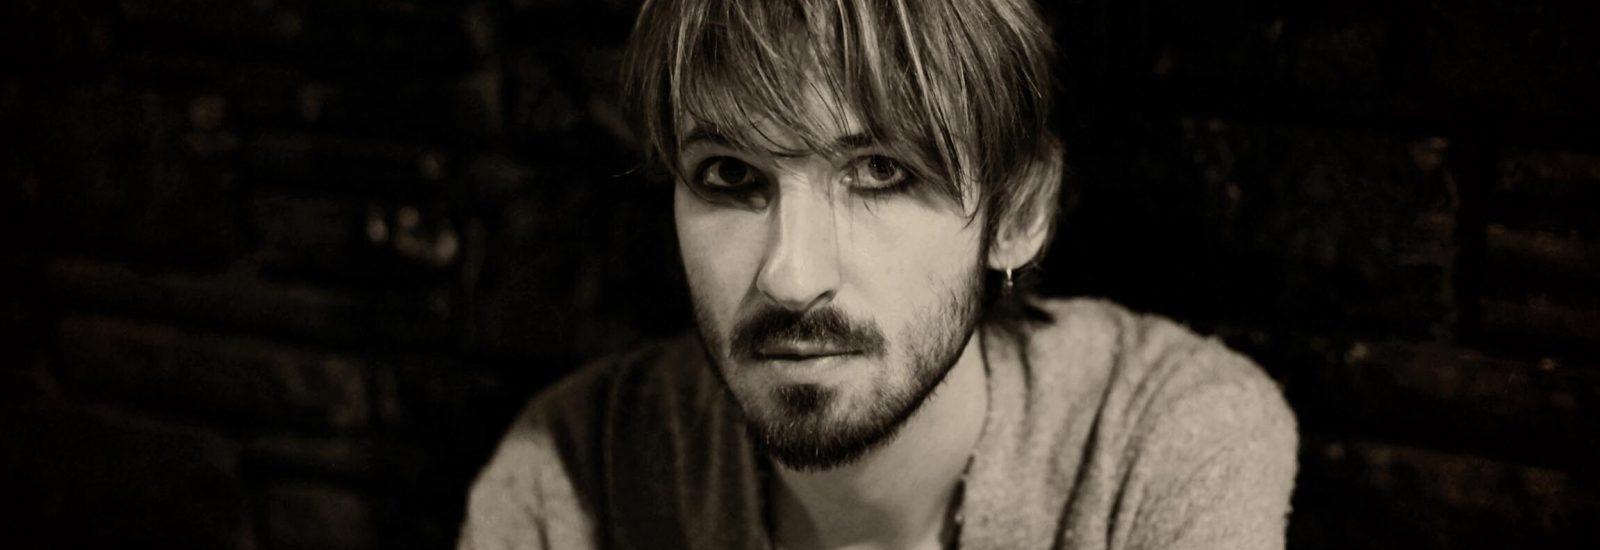 Alex Pratsyuk of Sullen Waves